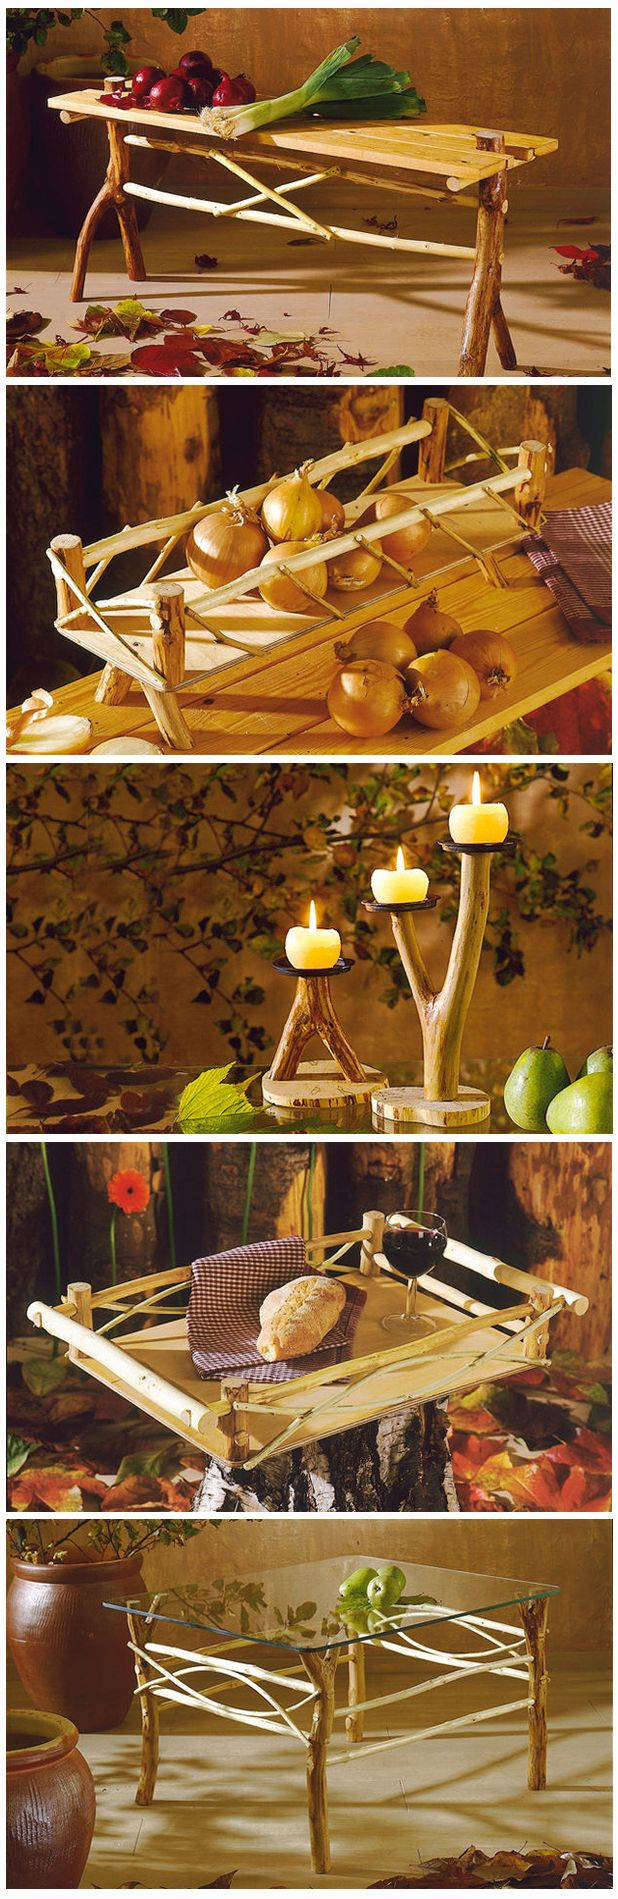 Mit Rohholz lassen sich tolle Möbelstücke und Deko bauen. Der rustikale Look sieht extrem gut aus. Wir zeigen, wie man Tisch, Kerzenständer und vieles mehr baut.